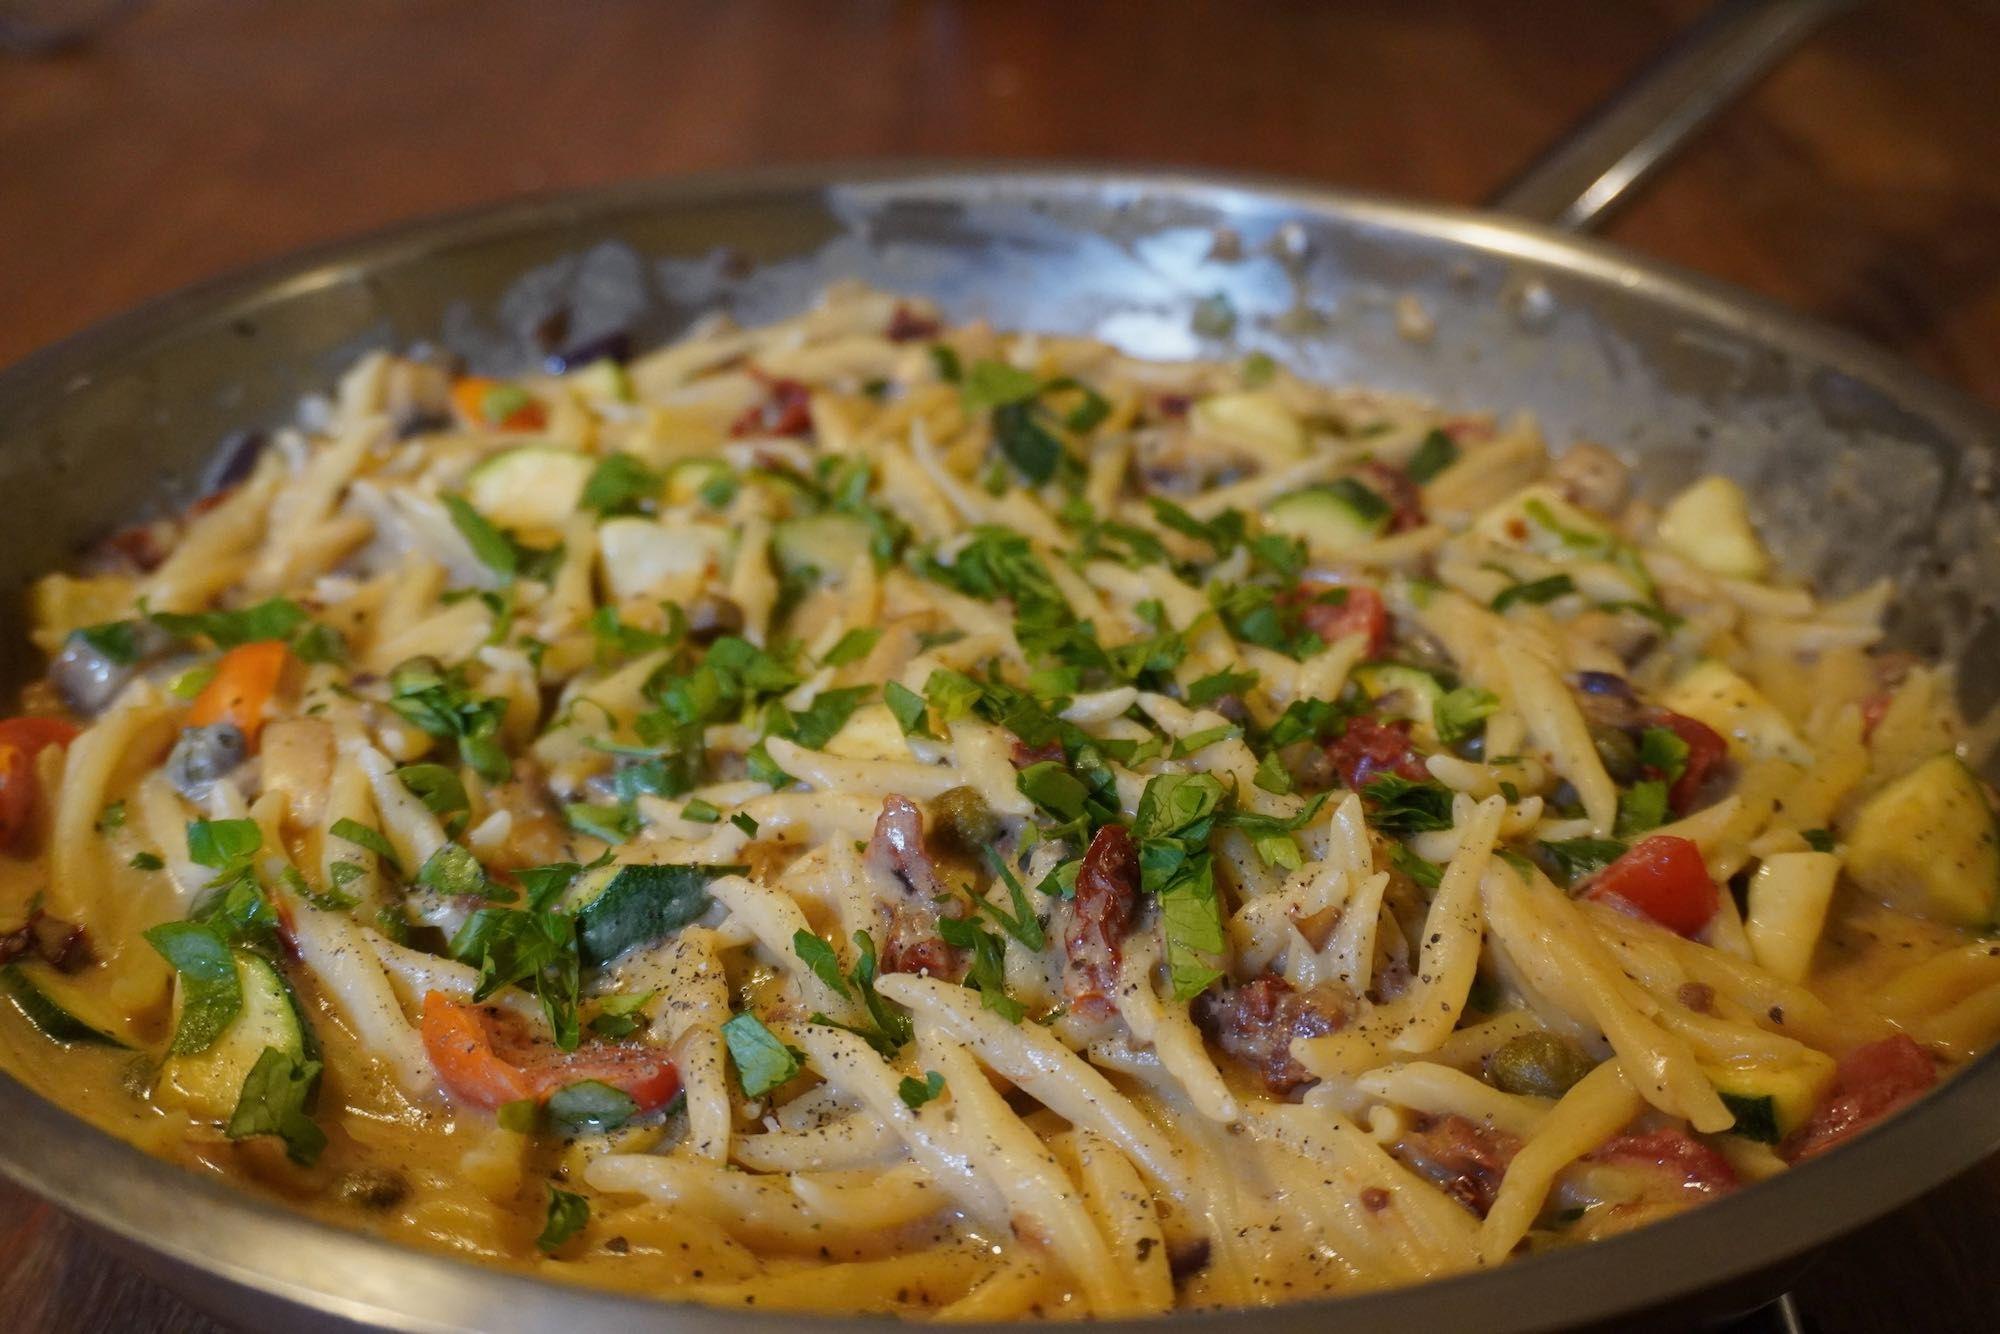 Sundried tomato pasta – oat milk